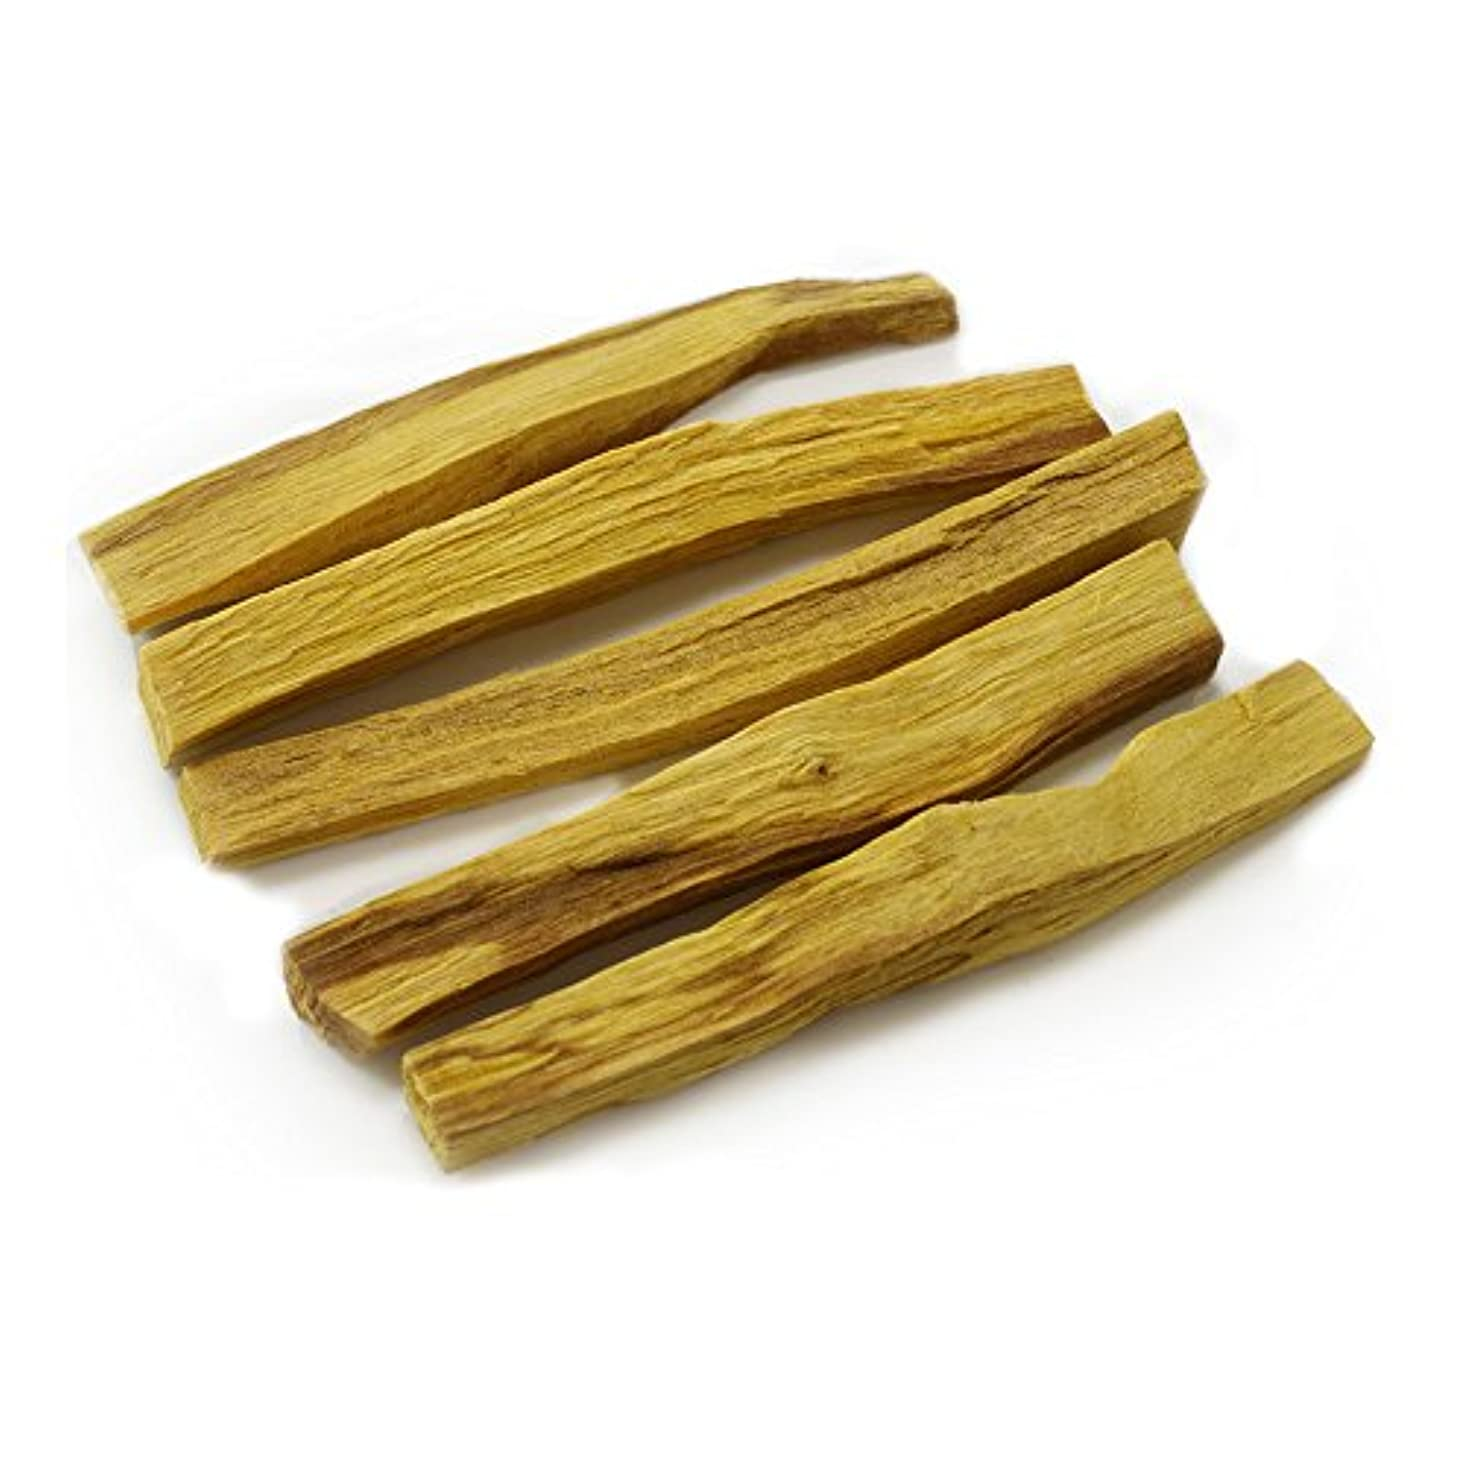 デンプシー透ける意気揚々Palo Santo Holy Wood Incense Sticks 5 Pcs by Palo Santo Wood